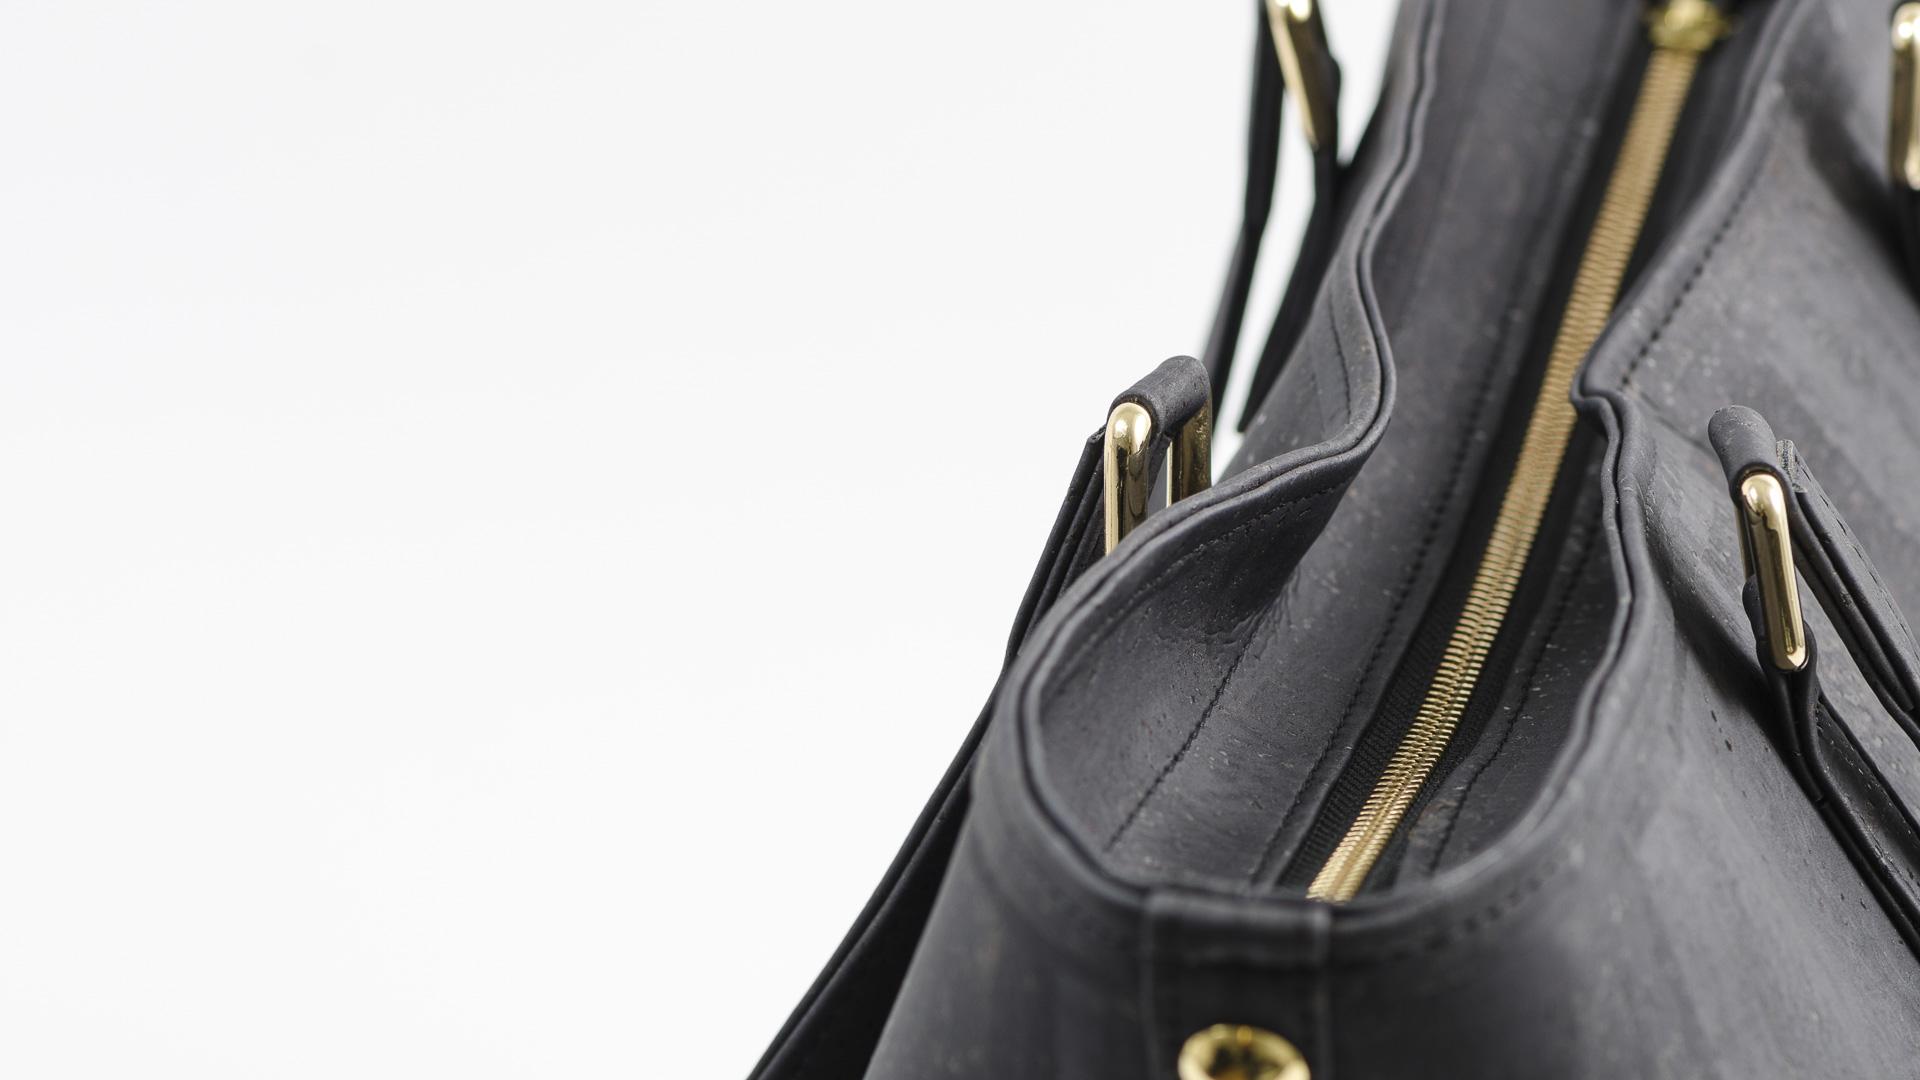 Korktasche, Kork Tasche Gallant, Black, editorial